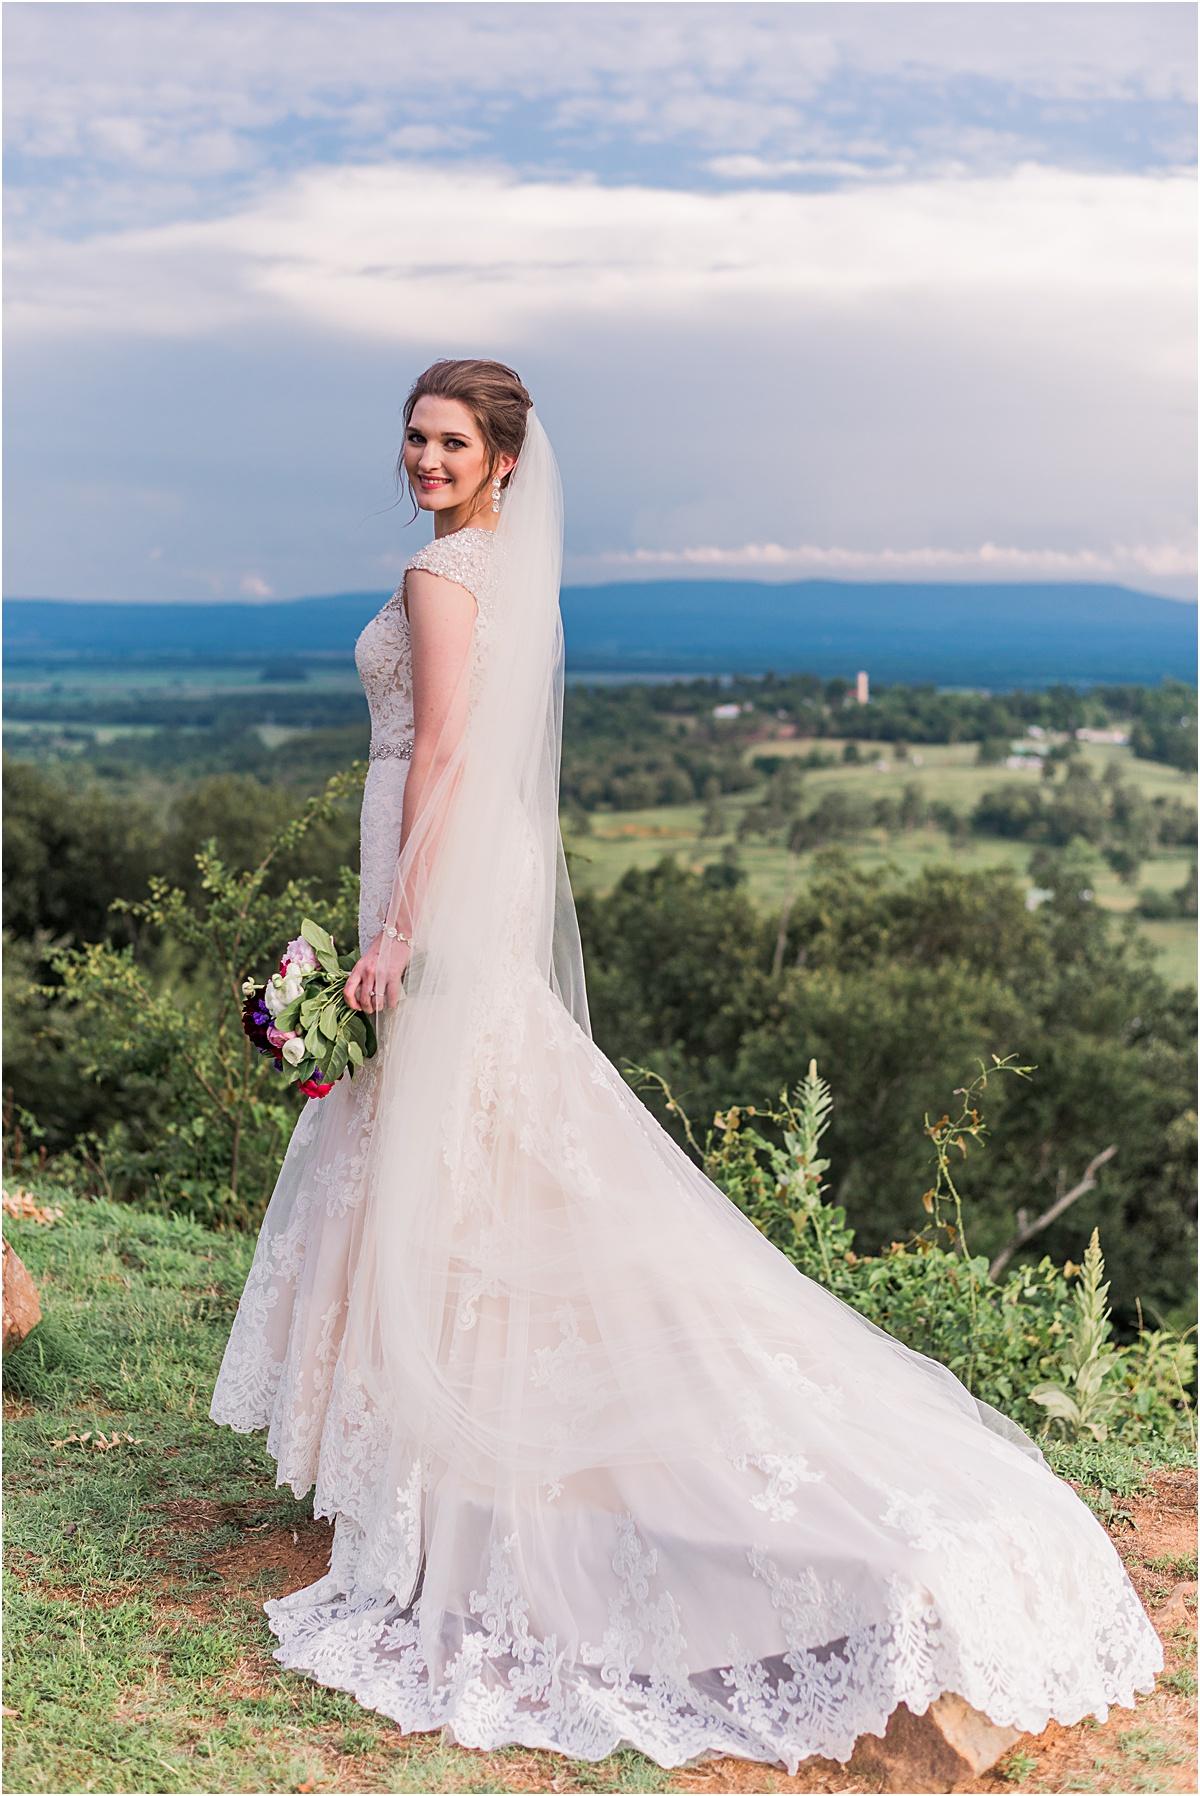 Arkansas bride mountain top photos